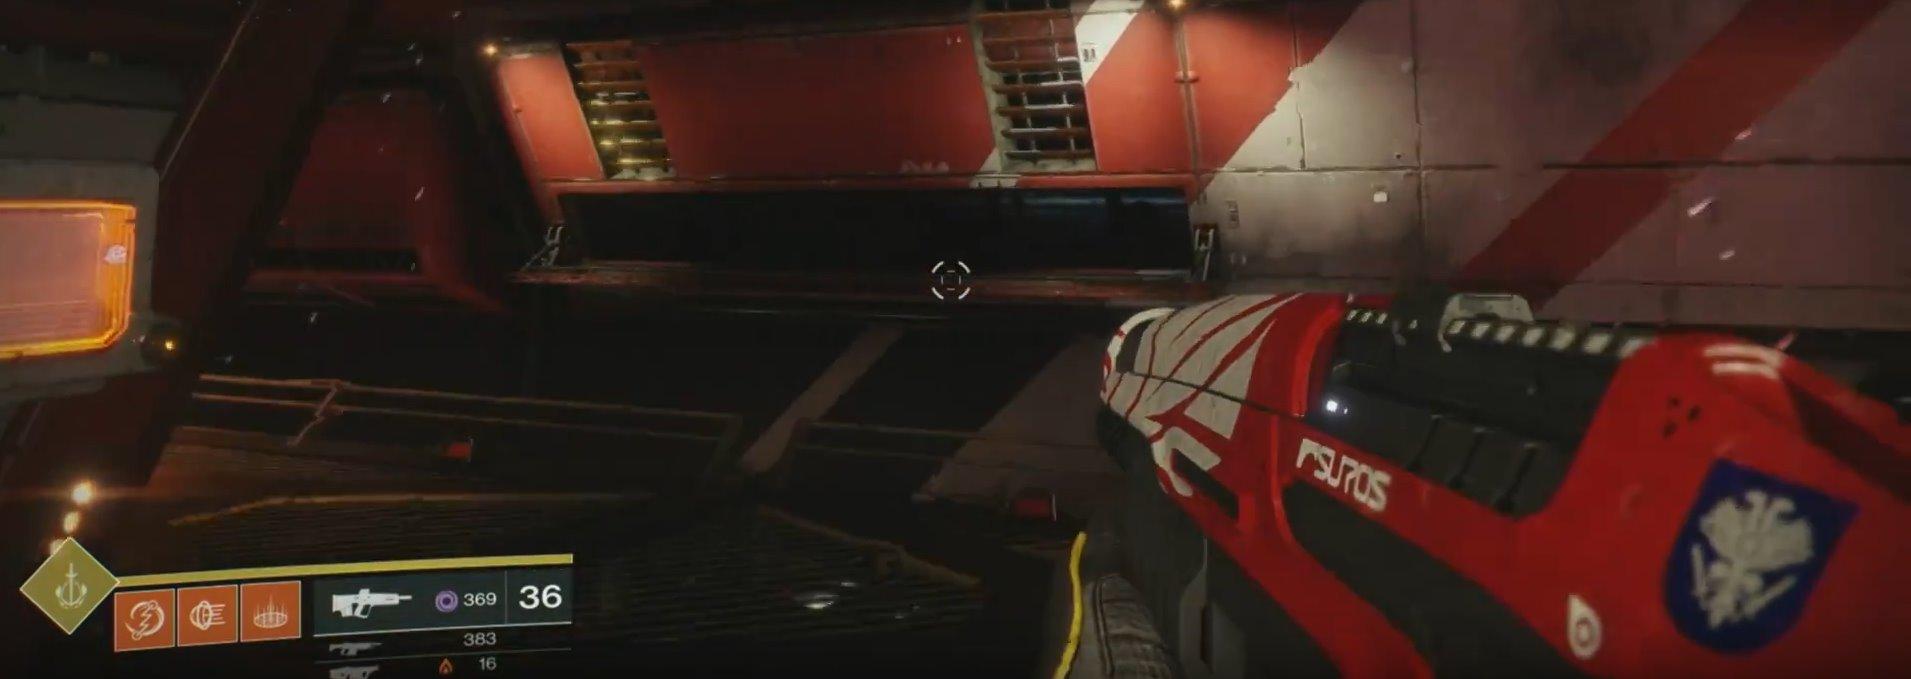 Destiny 2 suros pdx